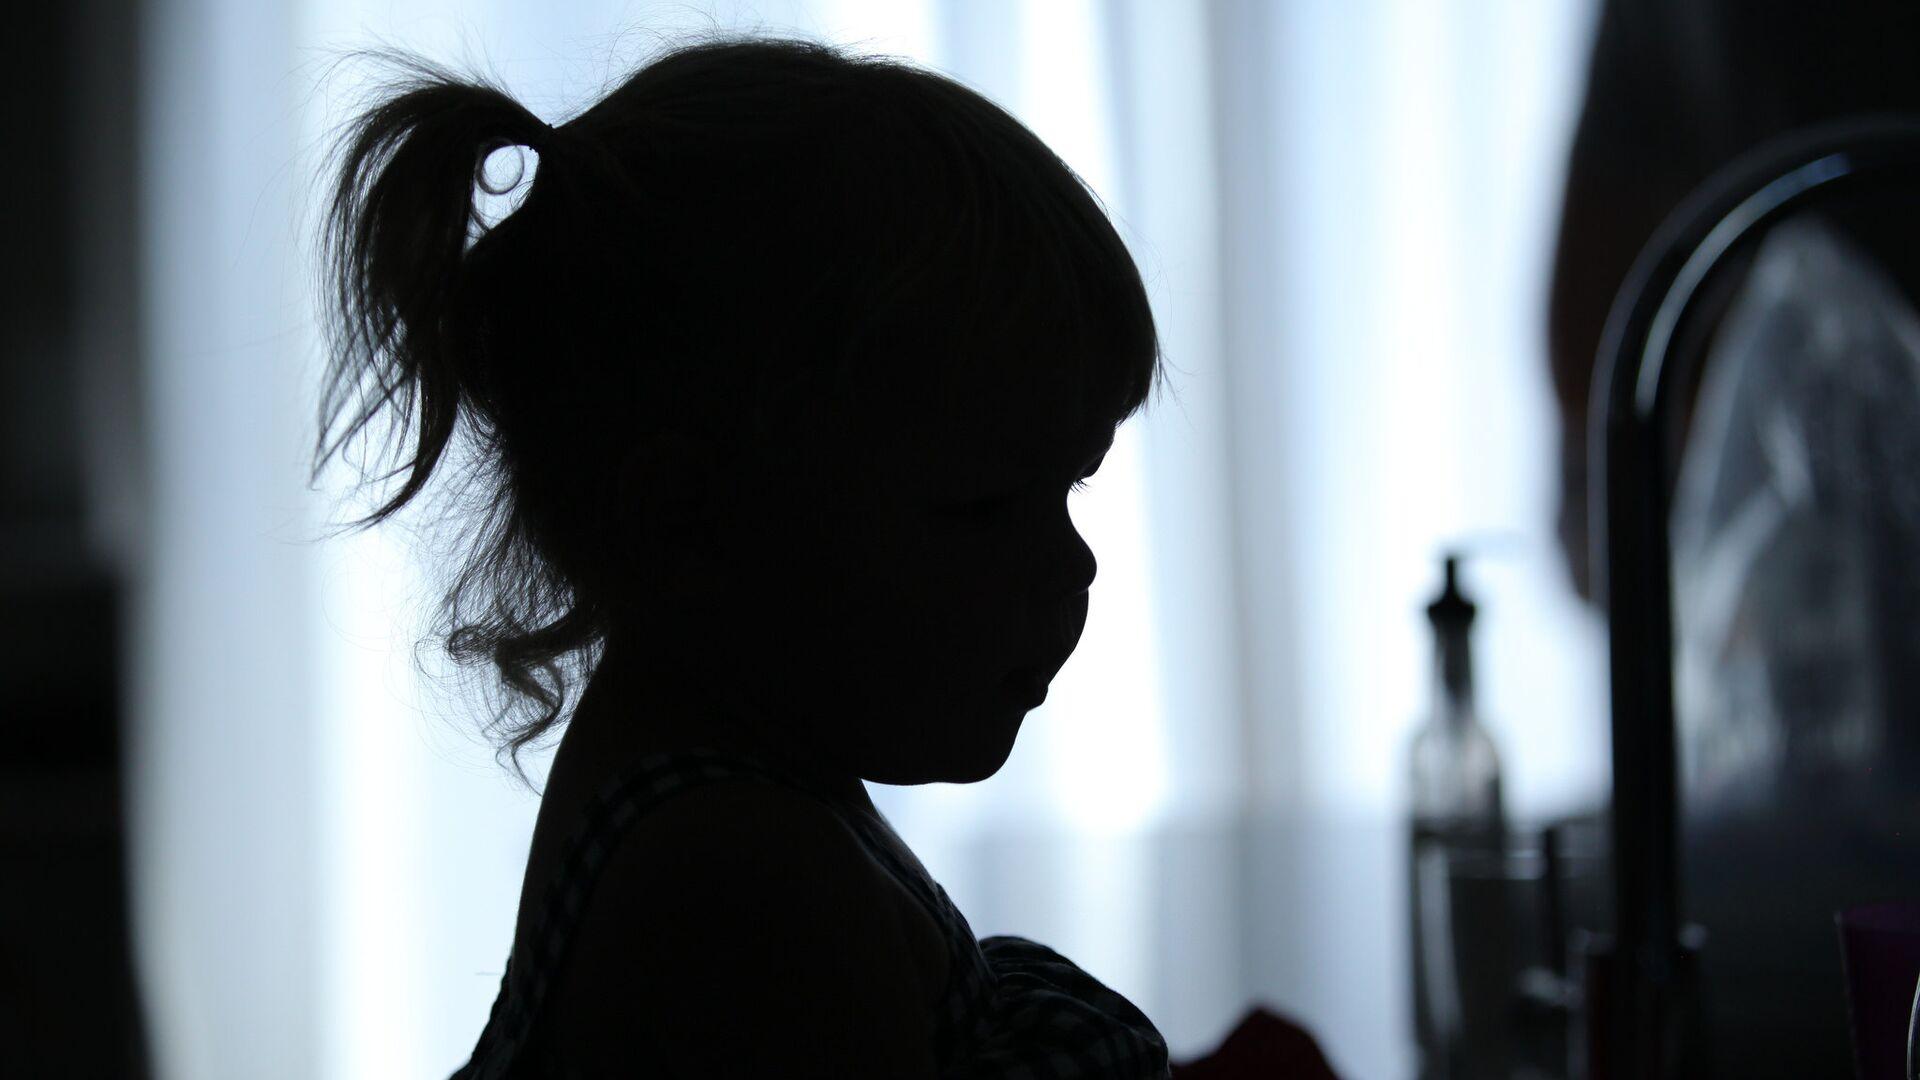 Una niña (imagen referencial) - Sputnik Mundo, 1920, 14.09.2021